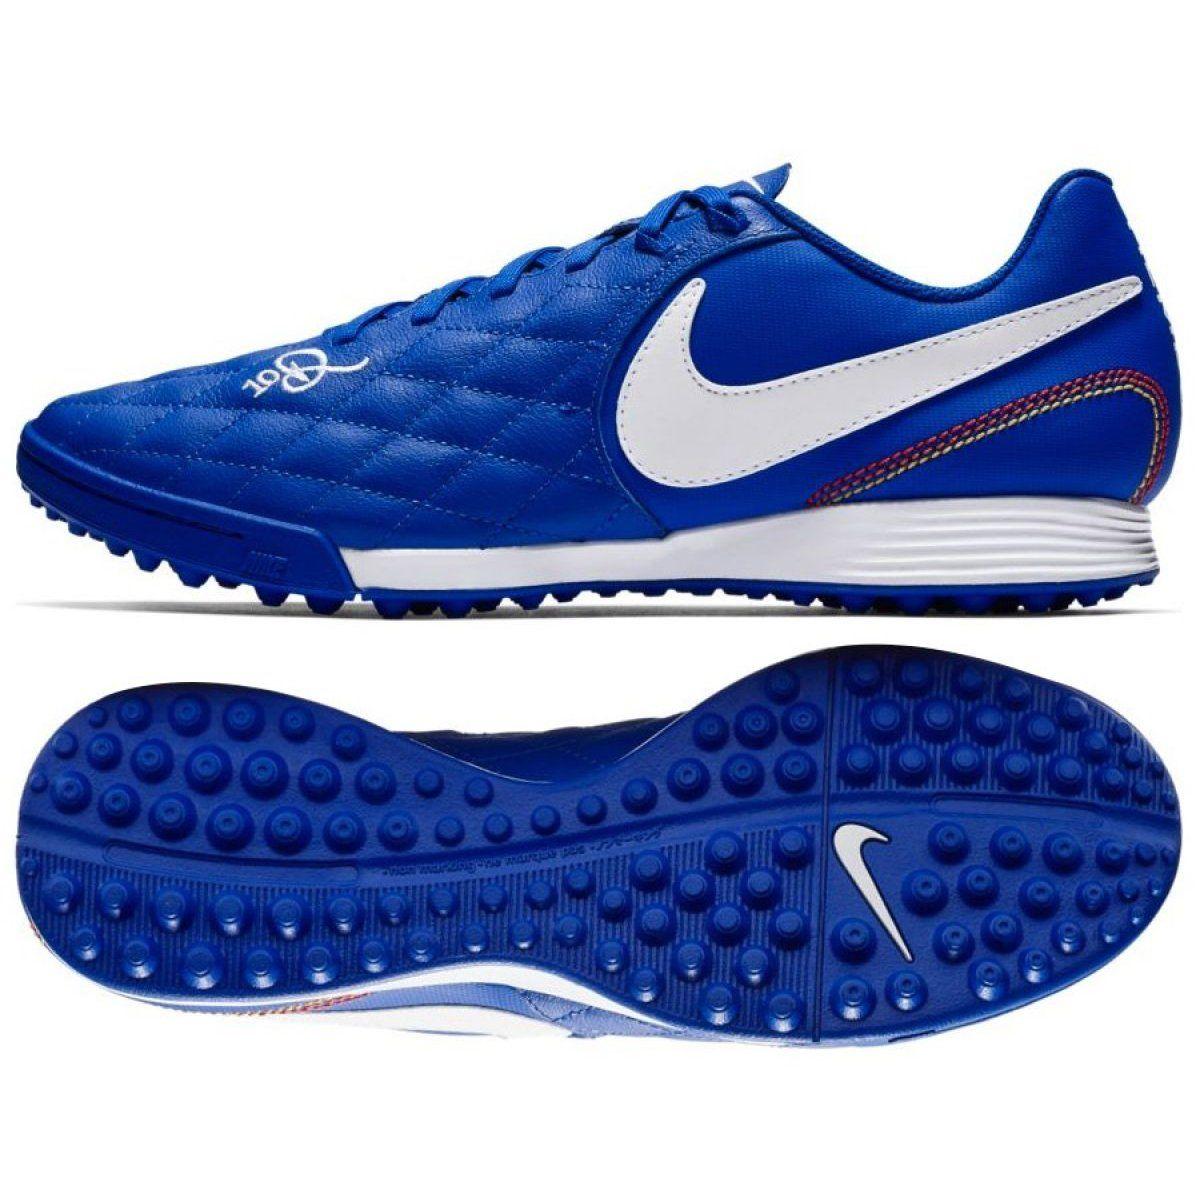 Buty Pilkarskie Nike Tiempo Legend 7 Academy 10r Tf M Aq2218 410 Niebieskie Niebieskie Futebol Saidas